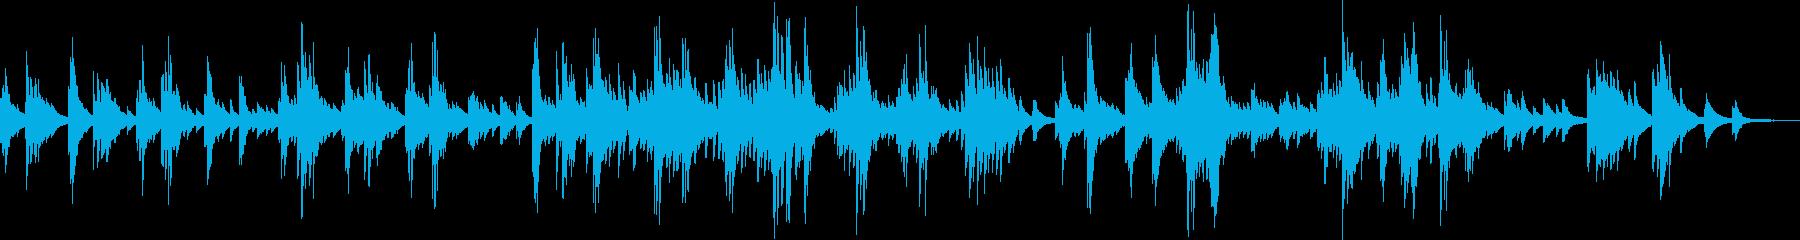 優しくて切ない、感動的なピアノバラードの再生済みの波形